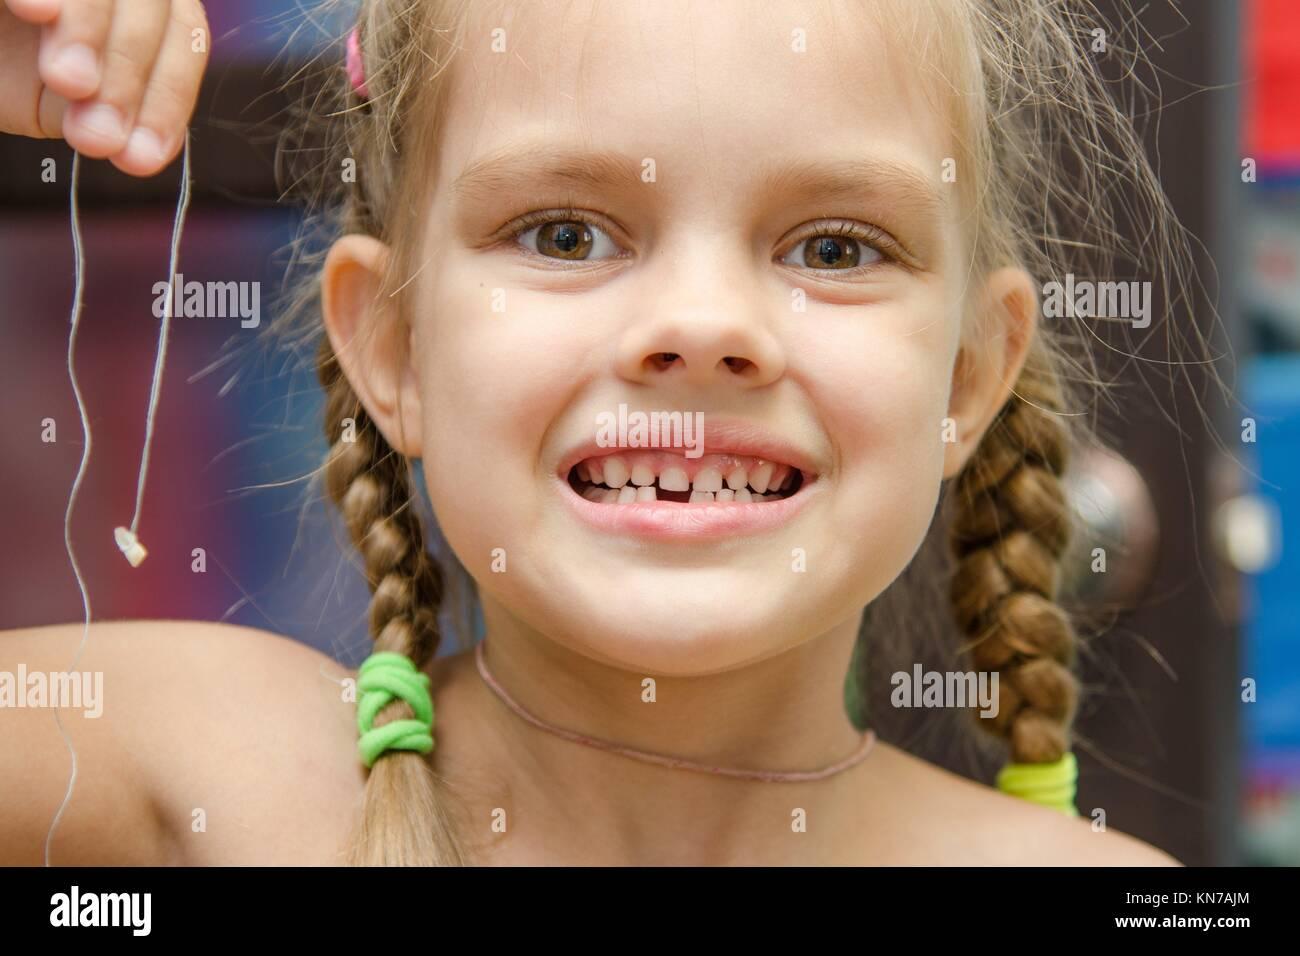 Sechs Jahre altes Mädchen ihre Milch Holding hatte der unteren ...